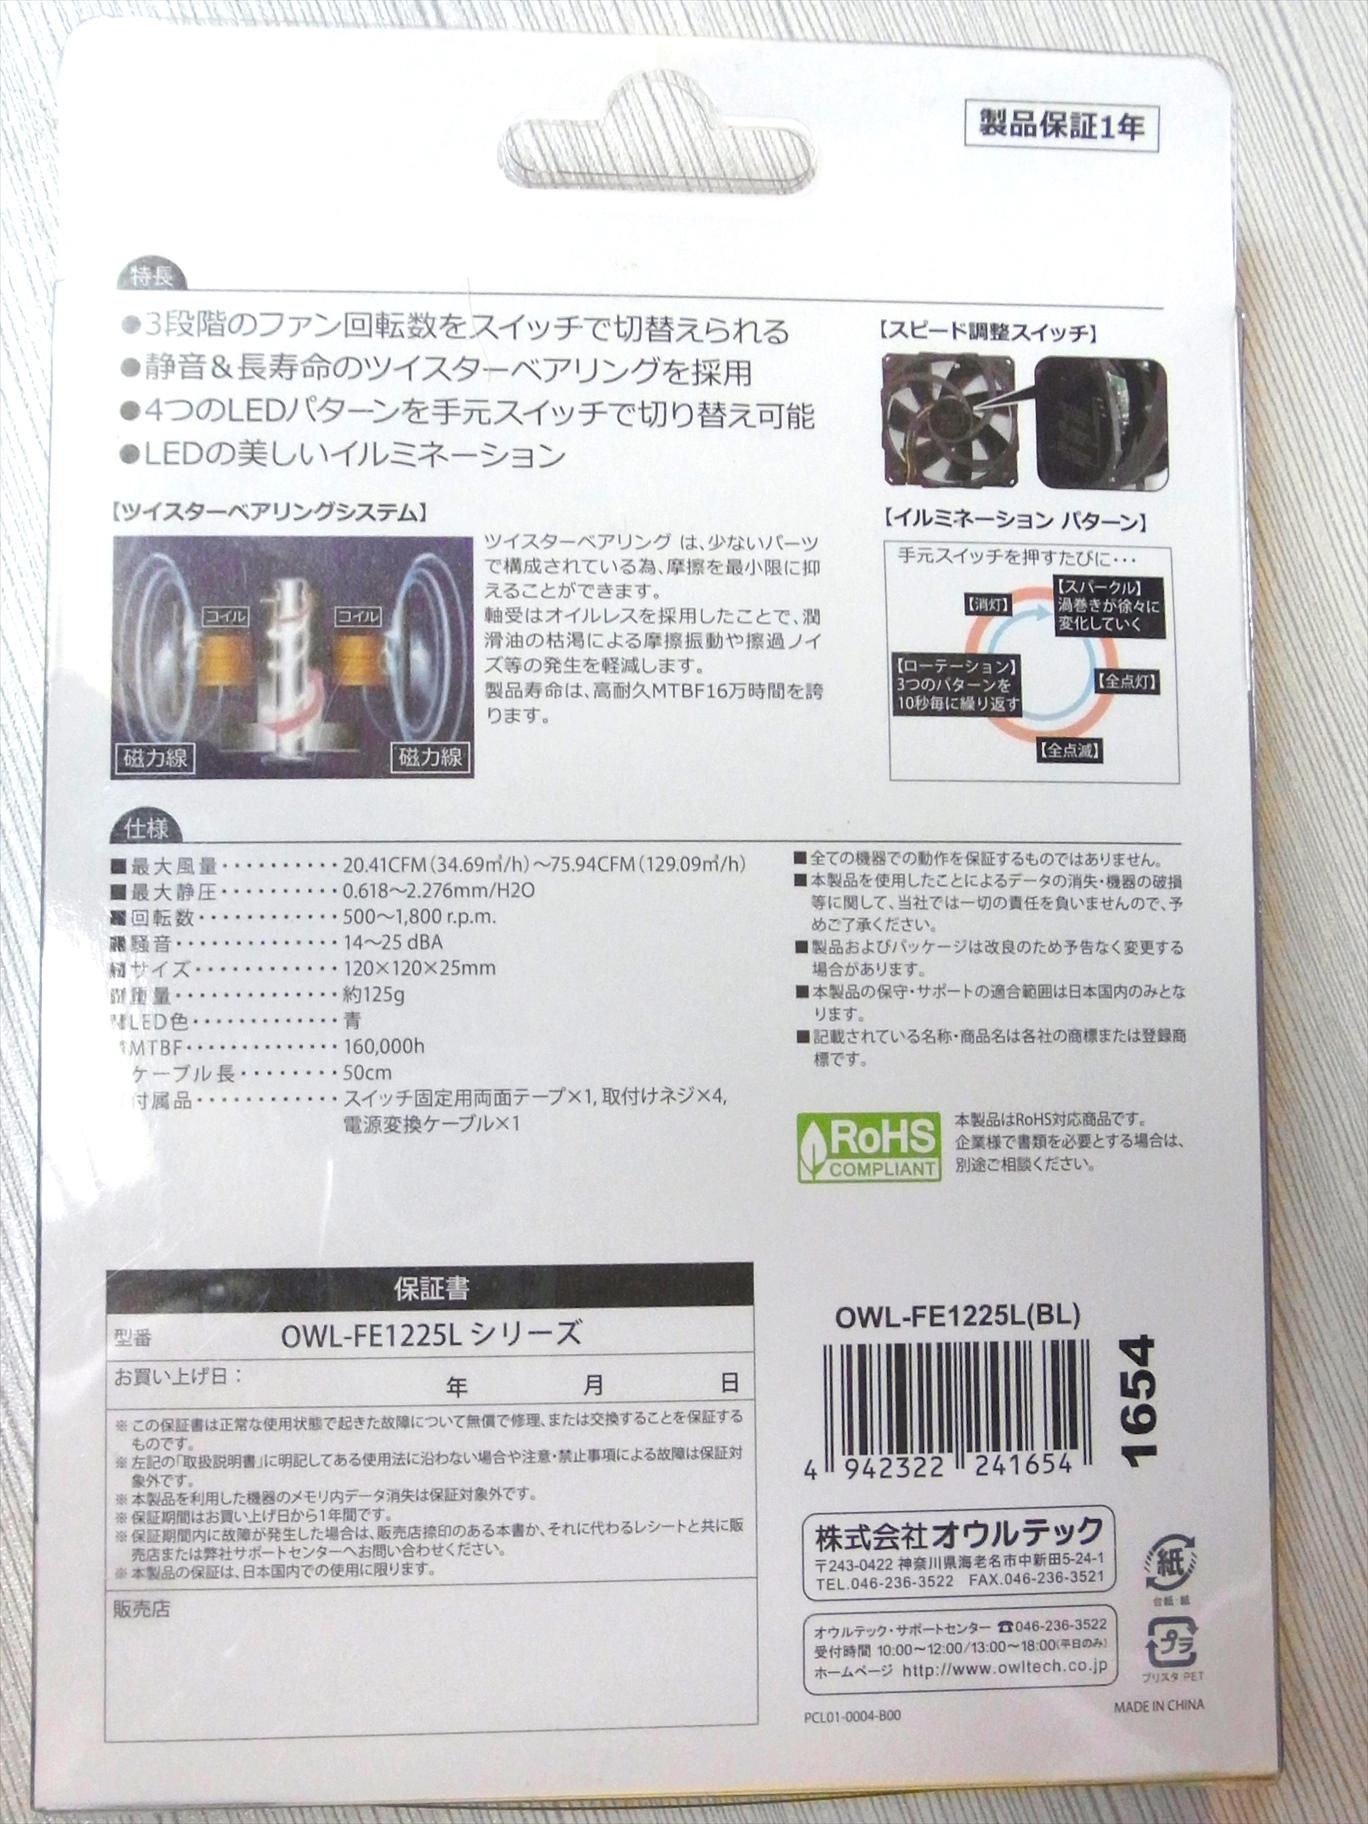 OWL-FE1225L